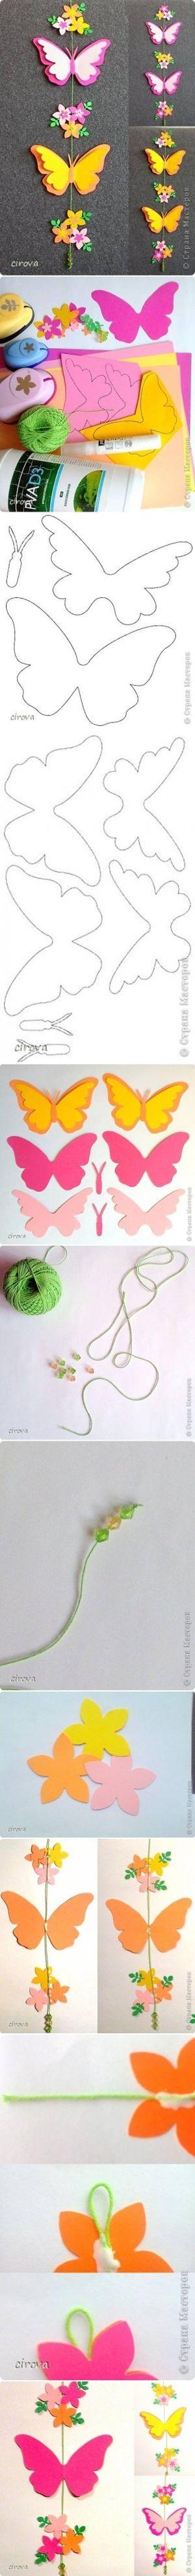 ¿Quieres hacer mariposas del papel móviles? Como siempre en www.megacity.es encontrarás los materiales que necesitas